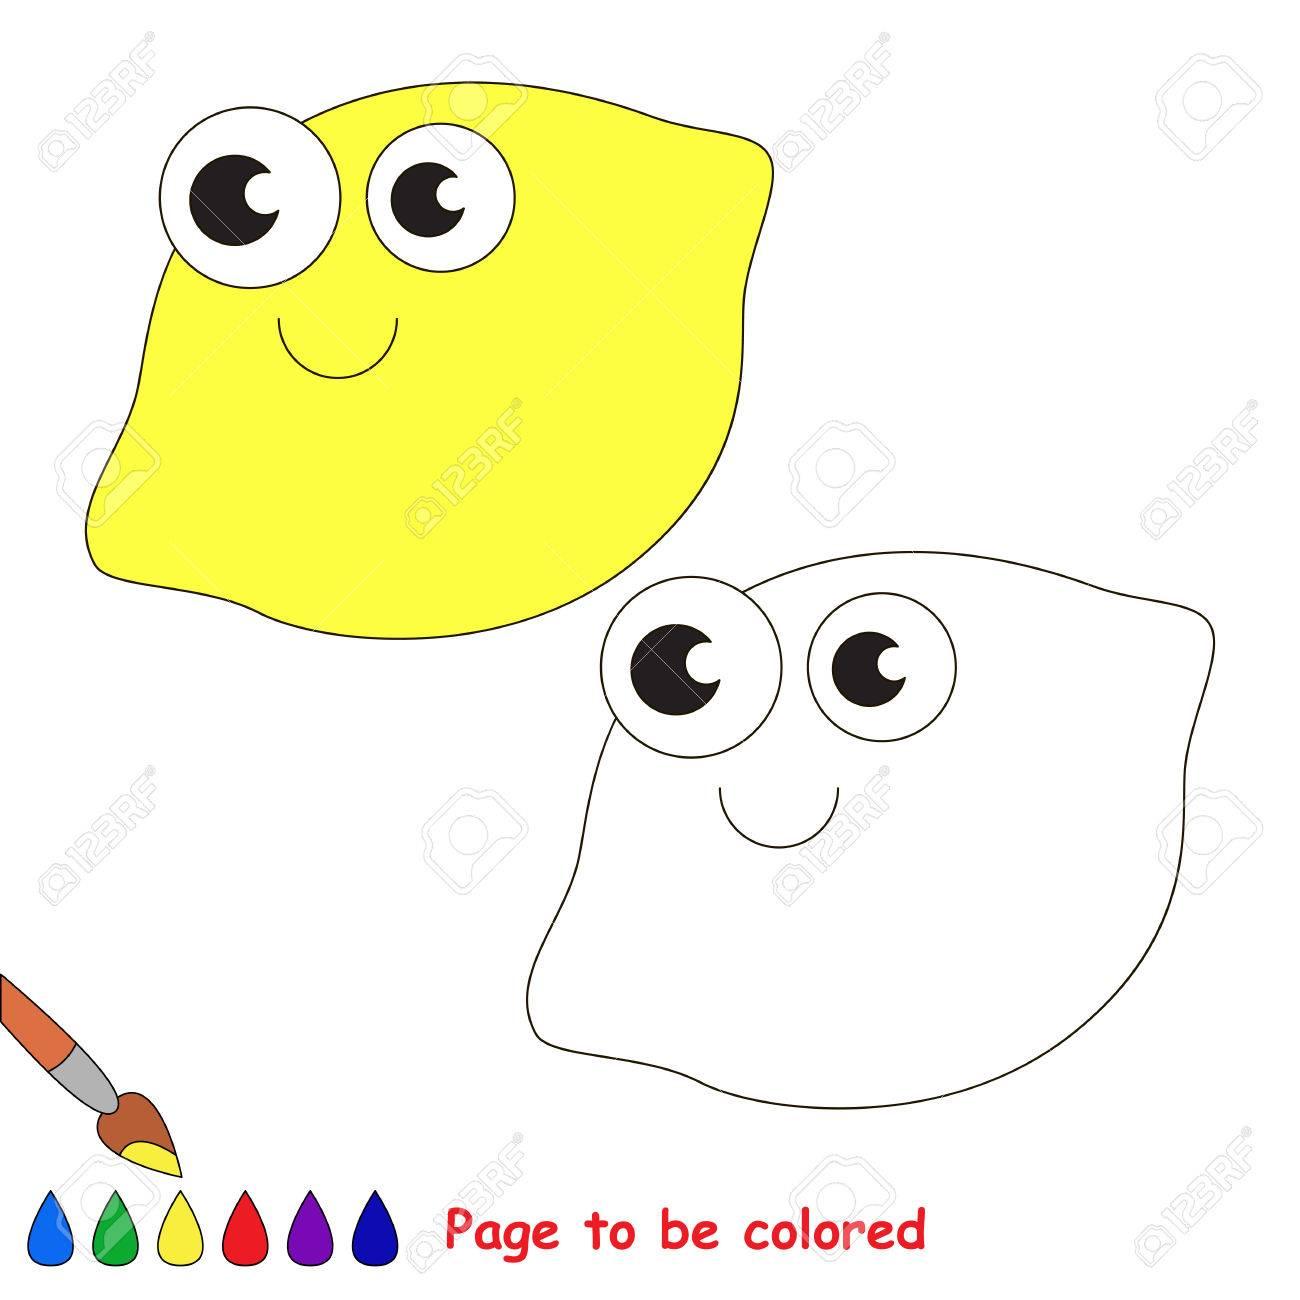 Eine Zitrone Gefarbt Werden Malbuch Kinder Zu Erziehen Erfahren